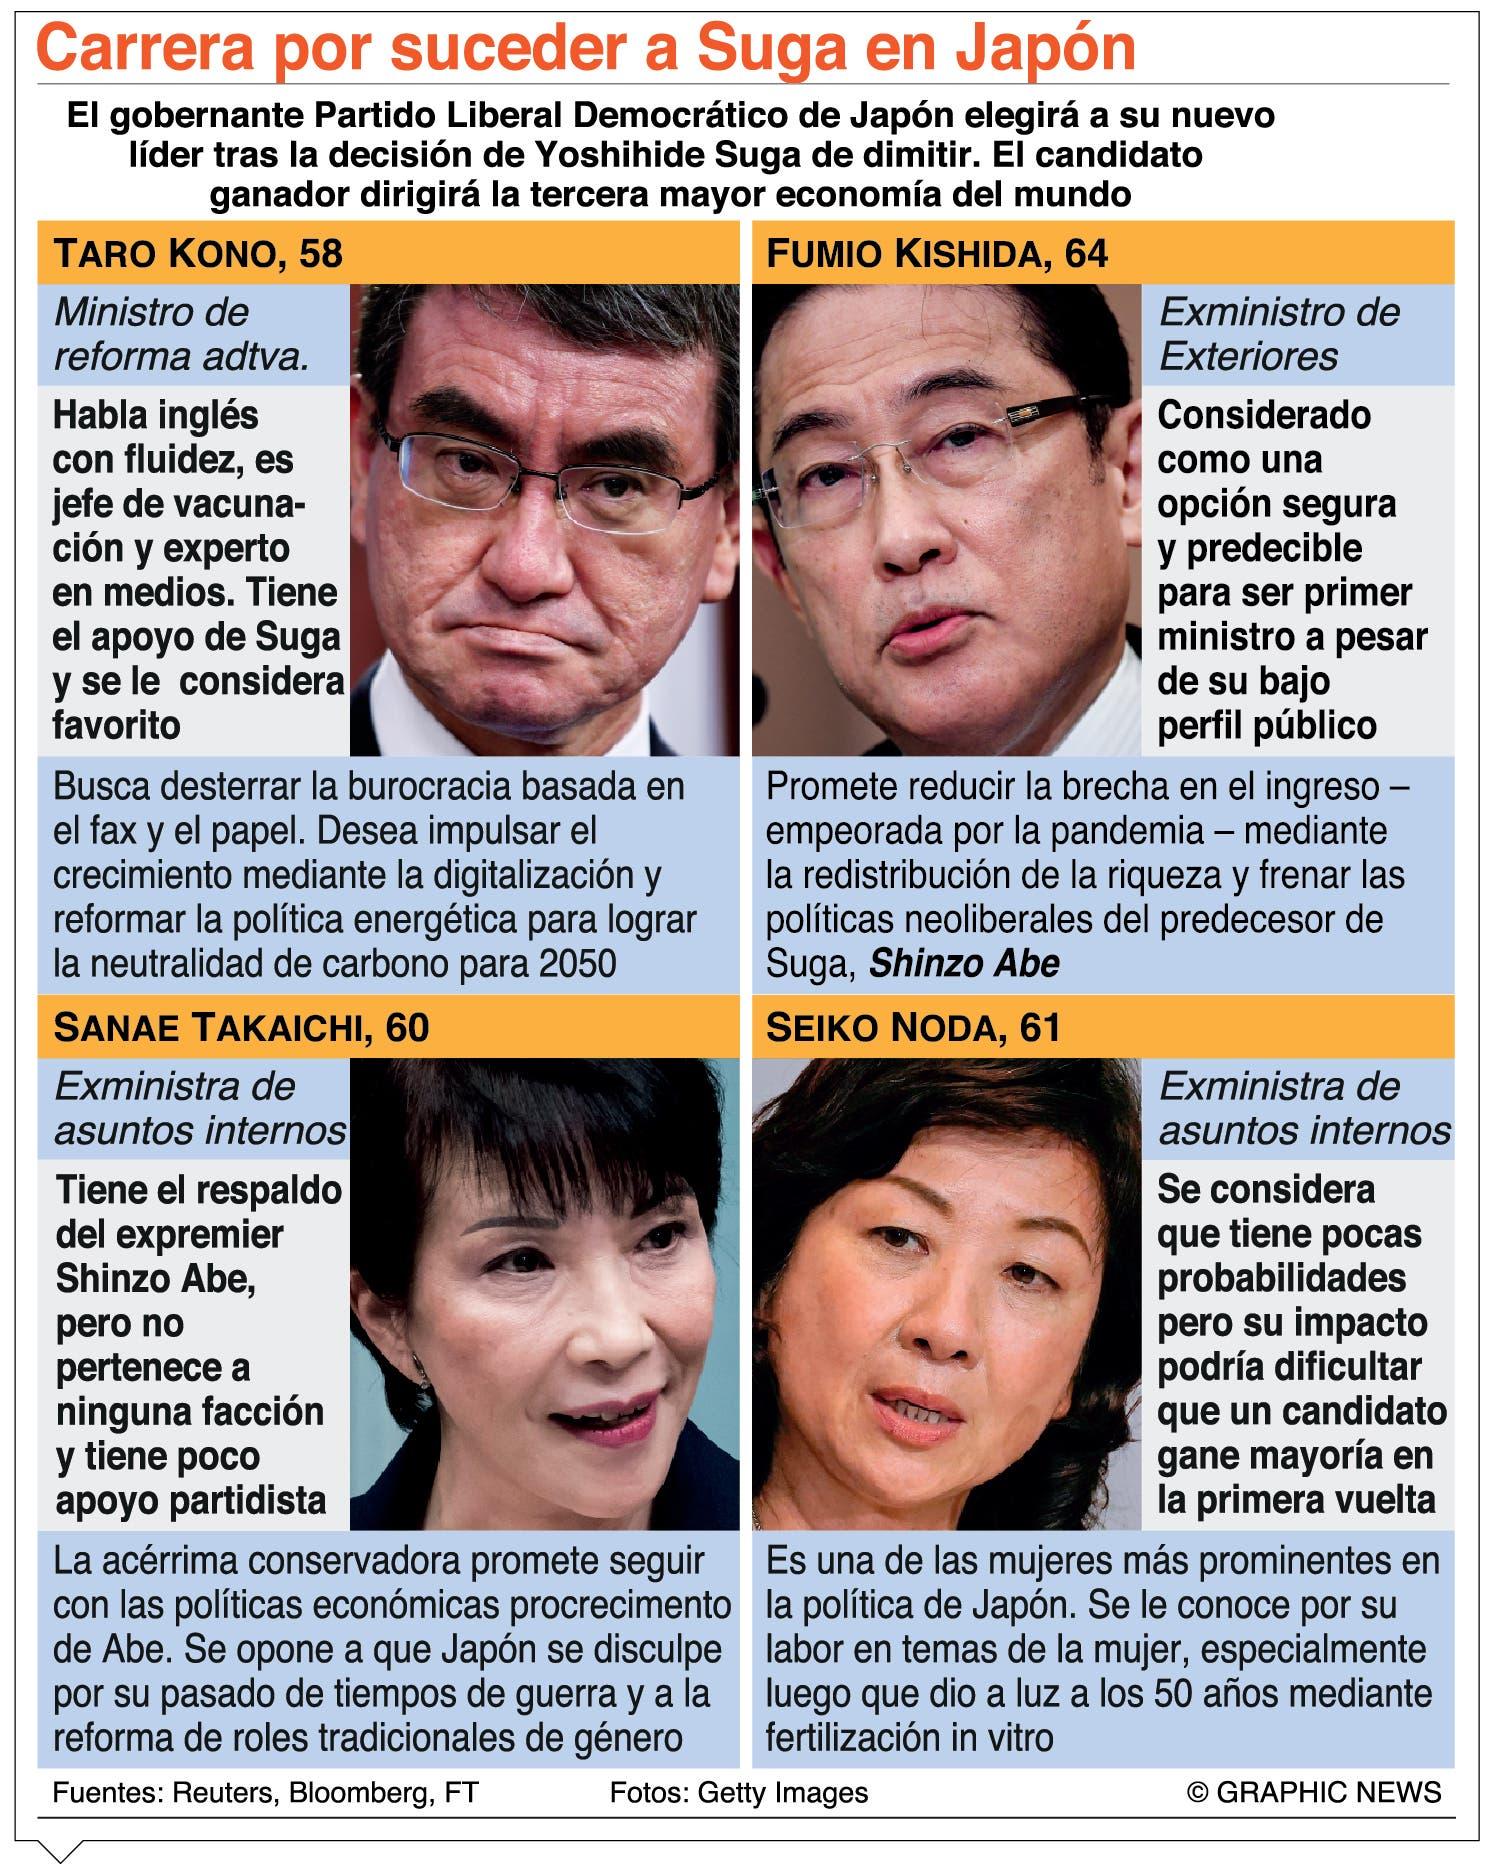 Primer ministro japonés renuncia; escogen sucesor